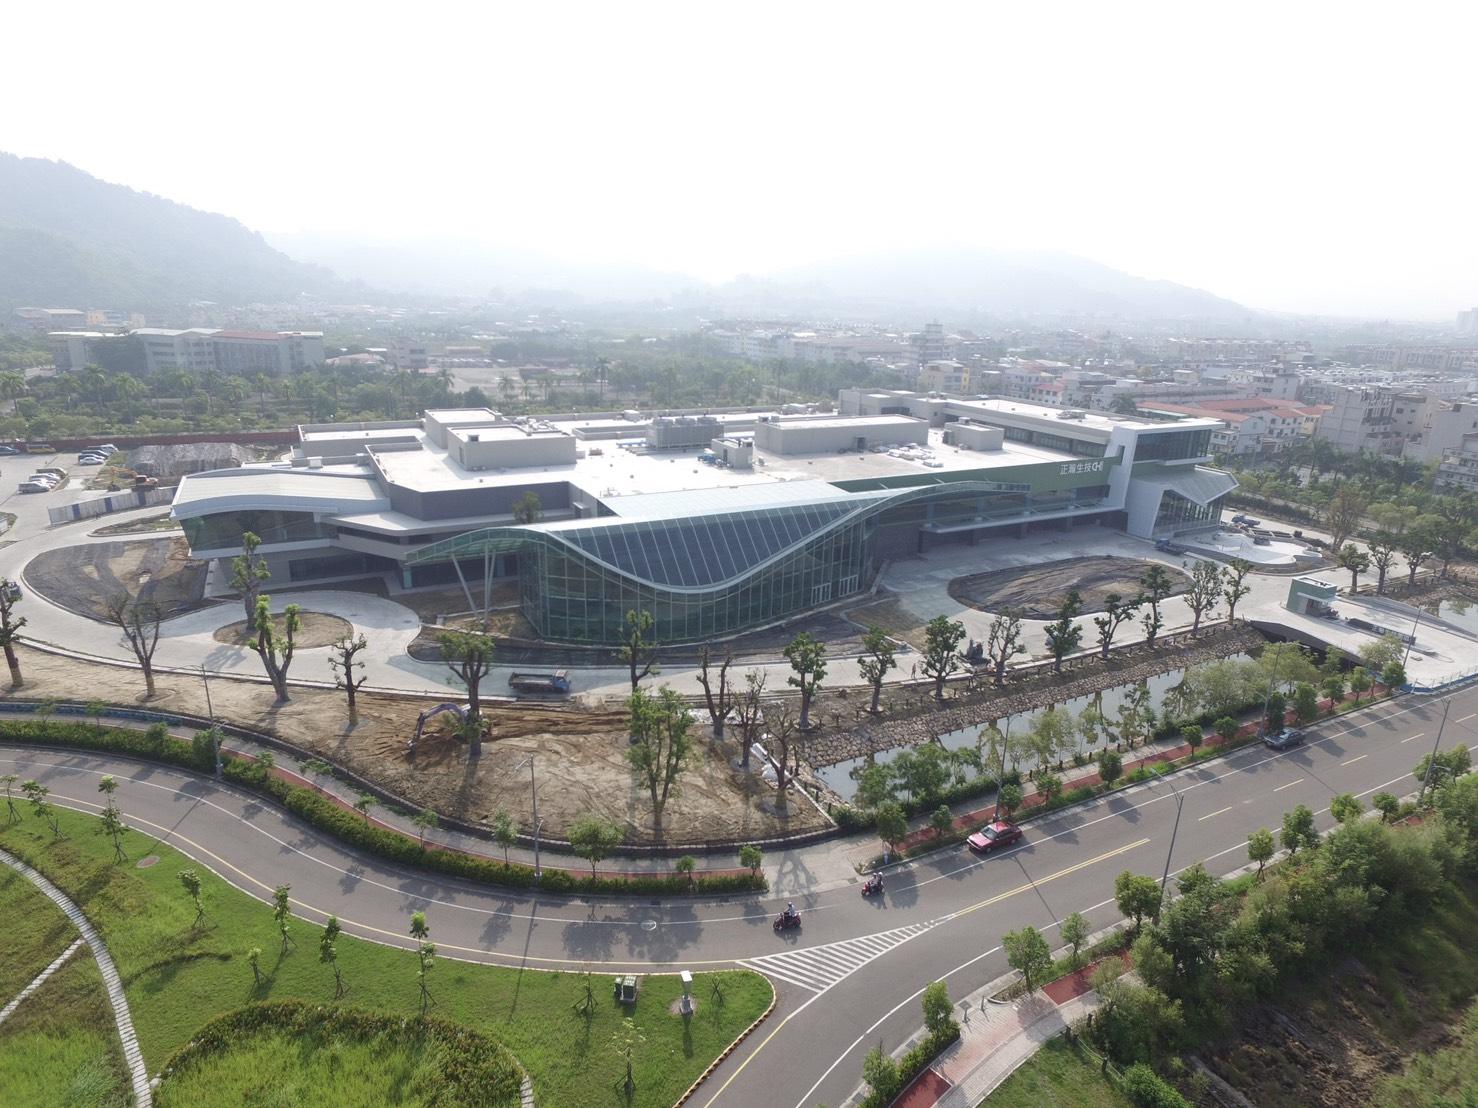 正瀚生技耗資20億元,在中科高等研究園區內打造國際級植物整合研究中心,研發團隊在這裡的研究成果,將一步步影響全球農業